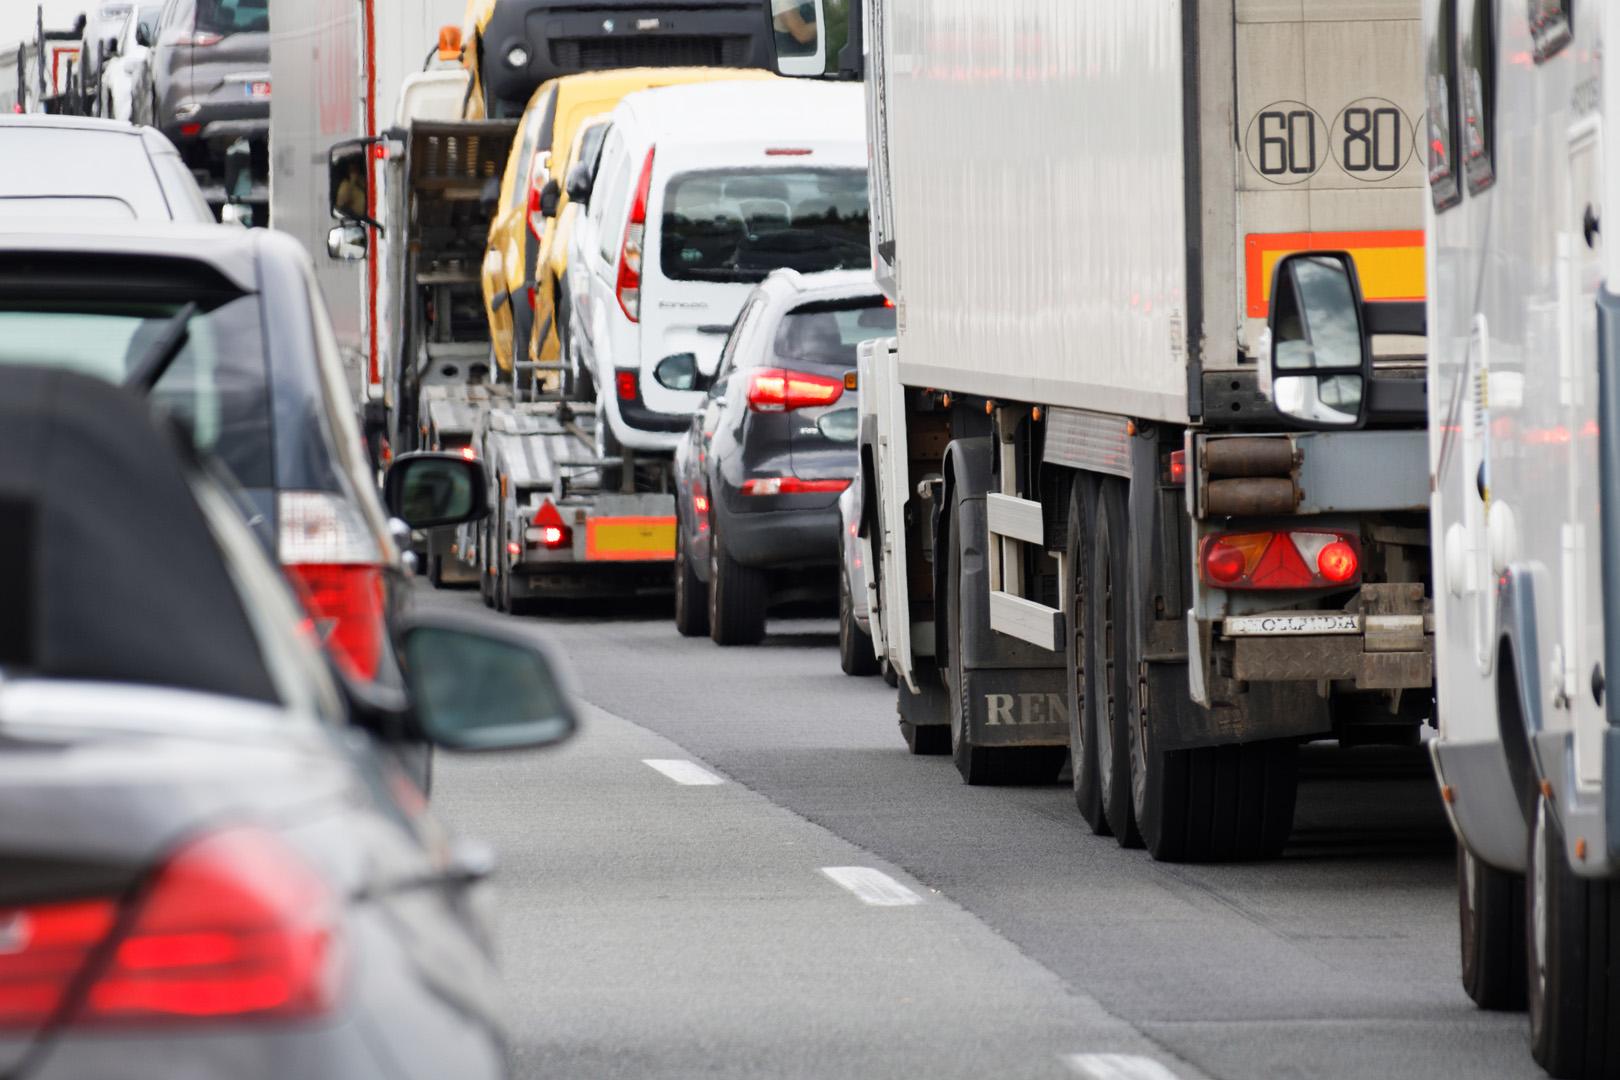 Franța: Sindicatele șoferilor amenință cu greve dacă UE aprobă noua versiune a Pachetului de Mobilitate